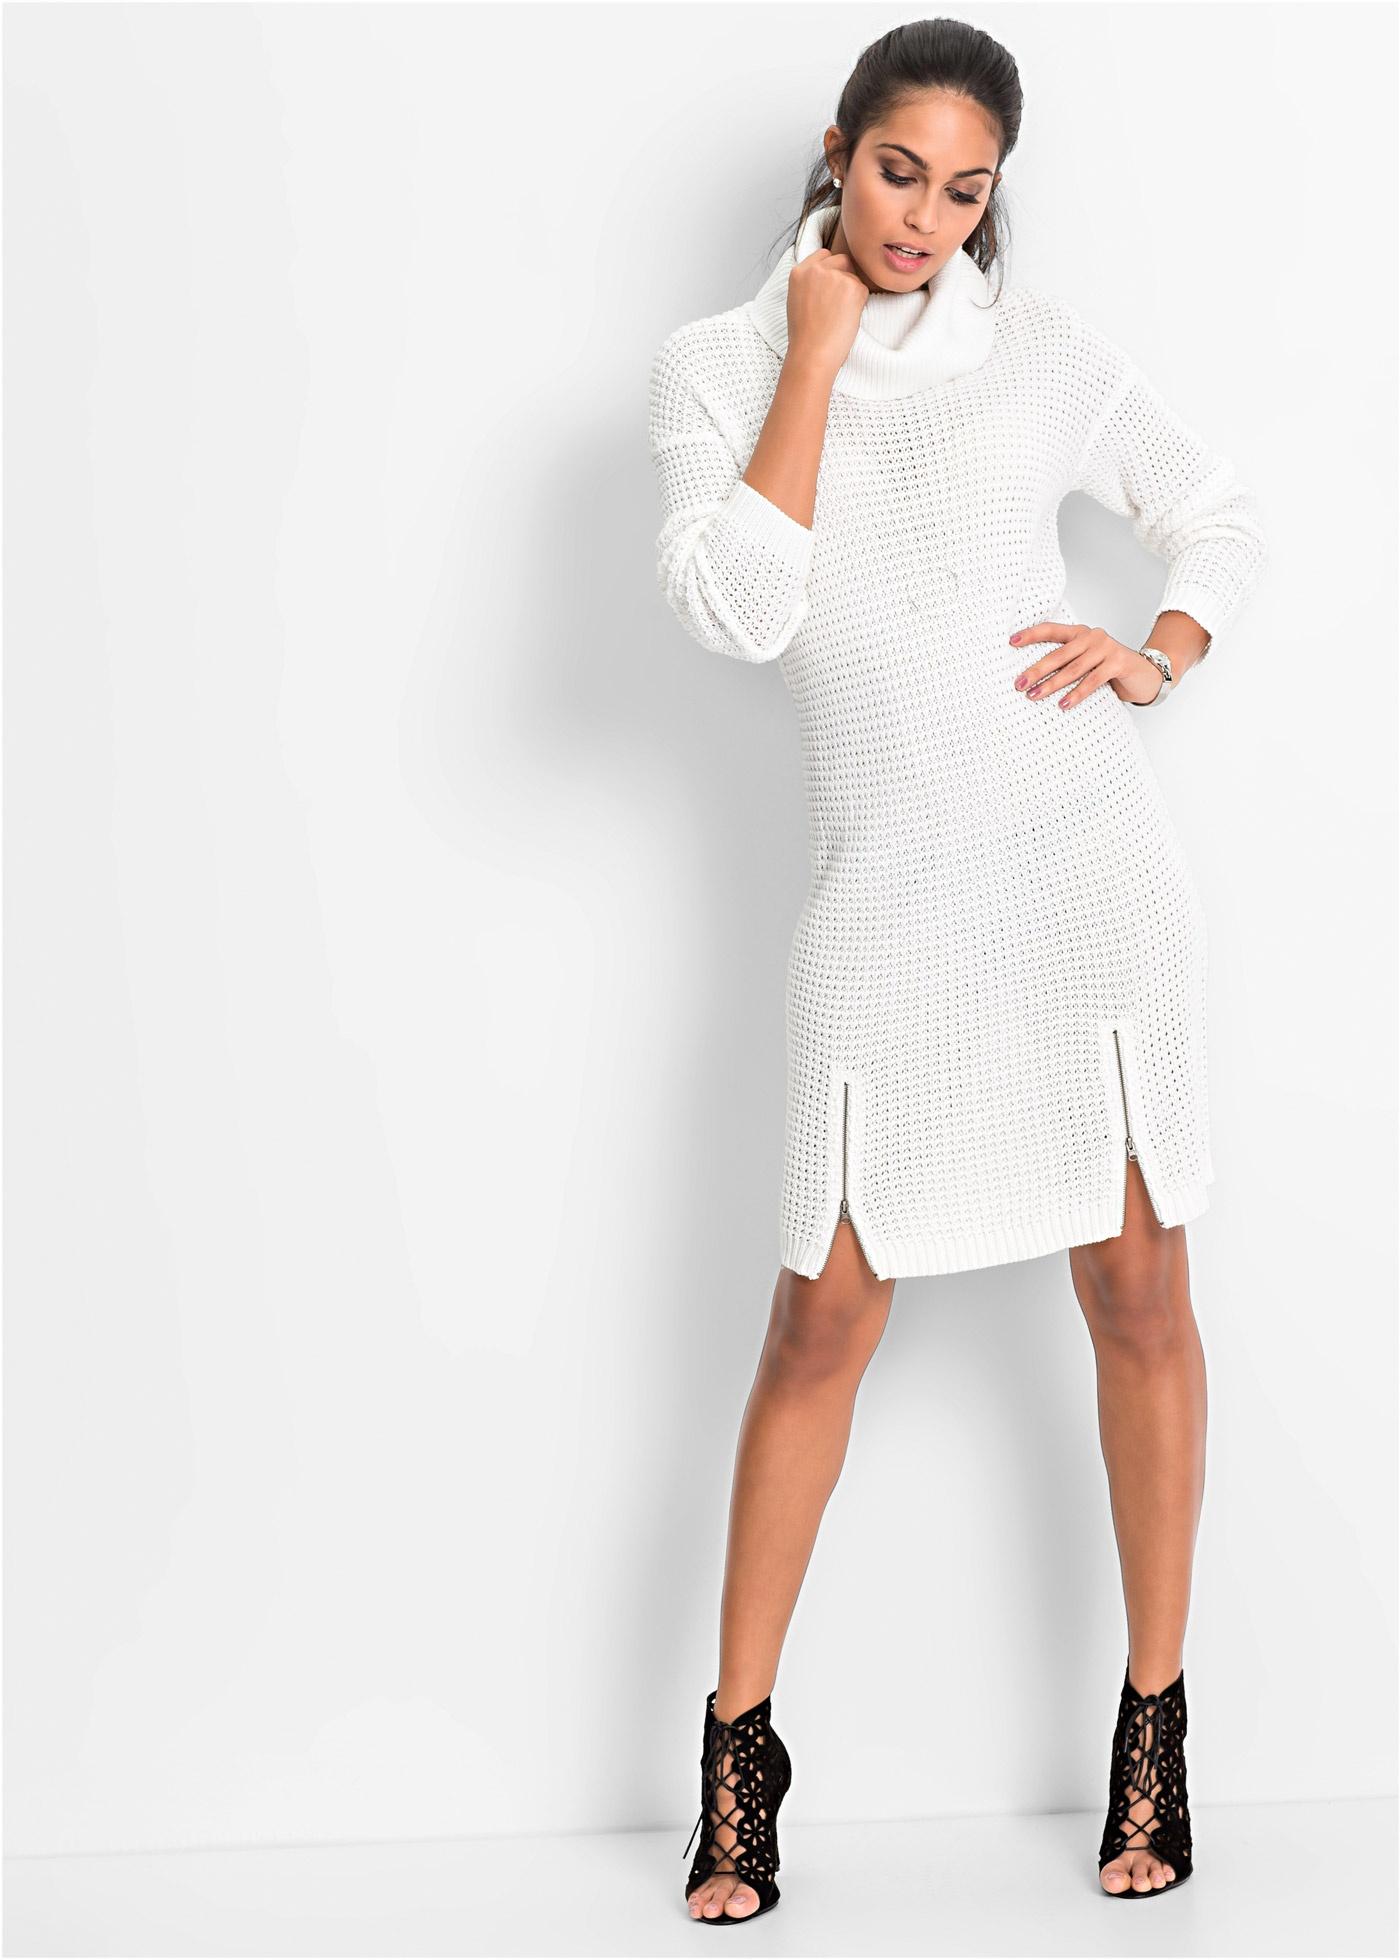 93684f17b9c Вязаное платье цвет белой шерсти - BODYFLIRT заказать онлайн ...